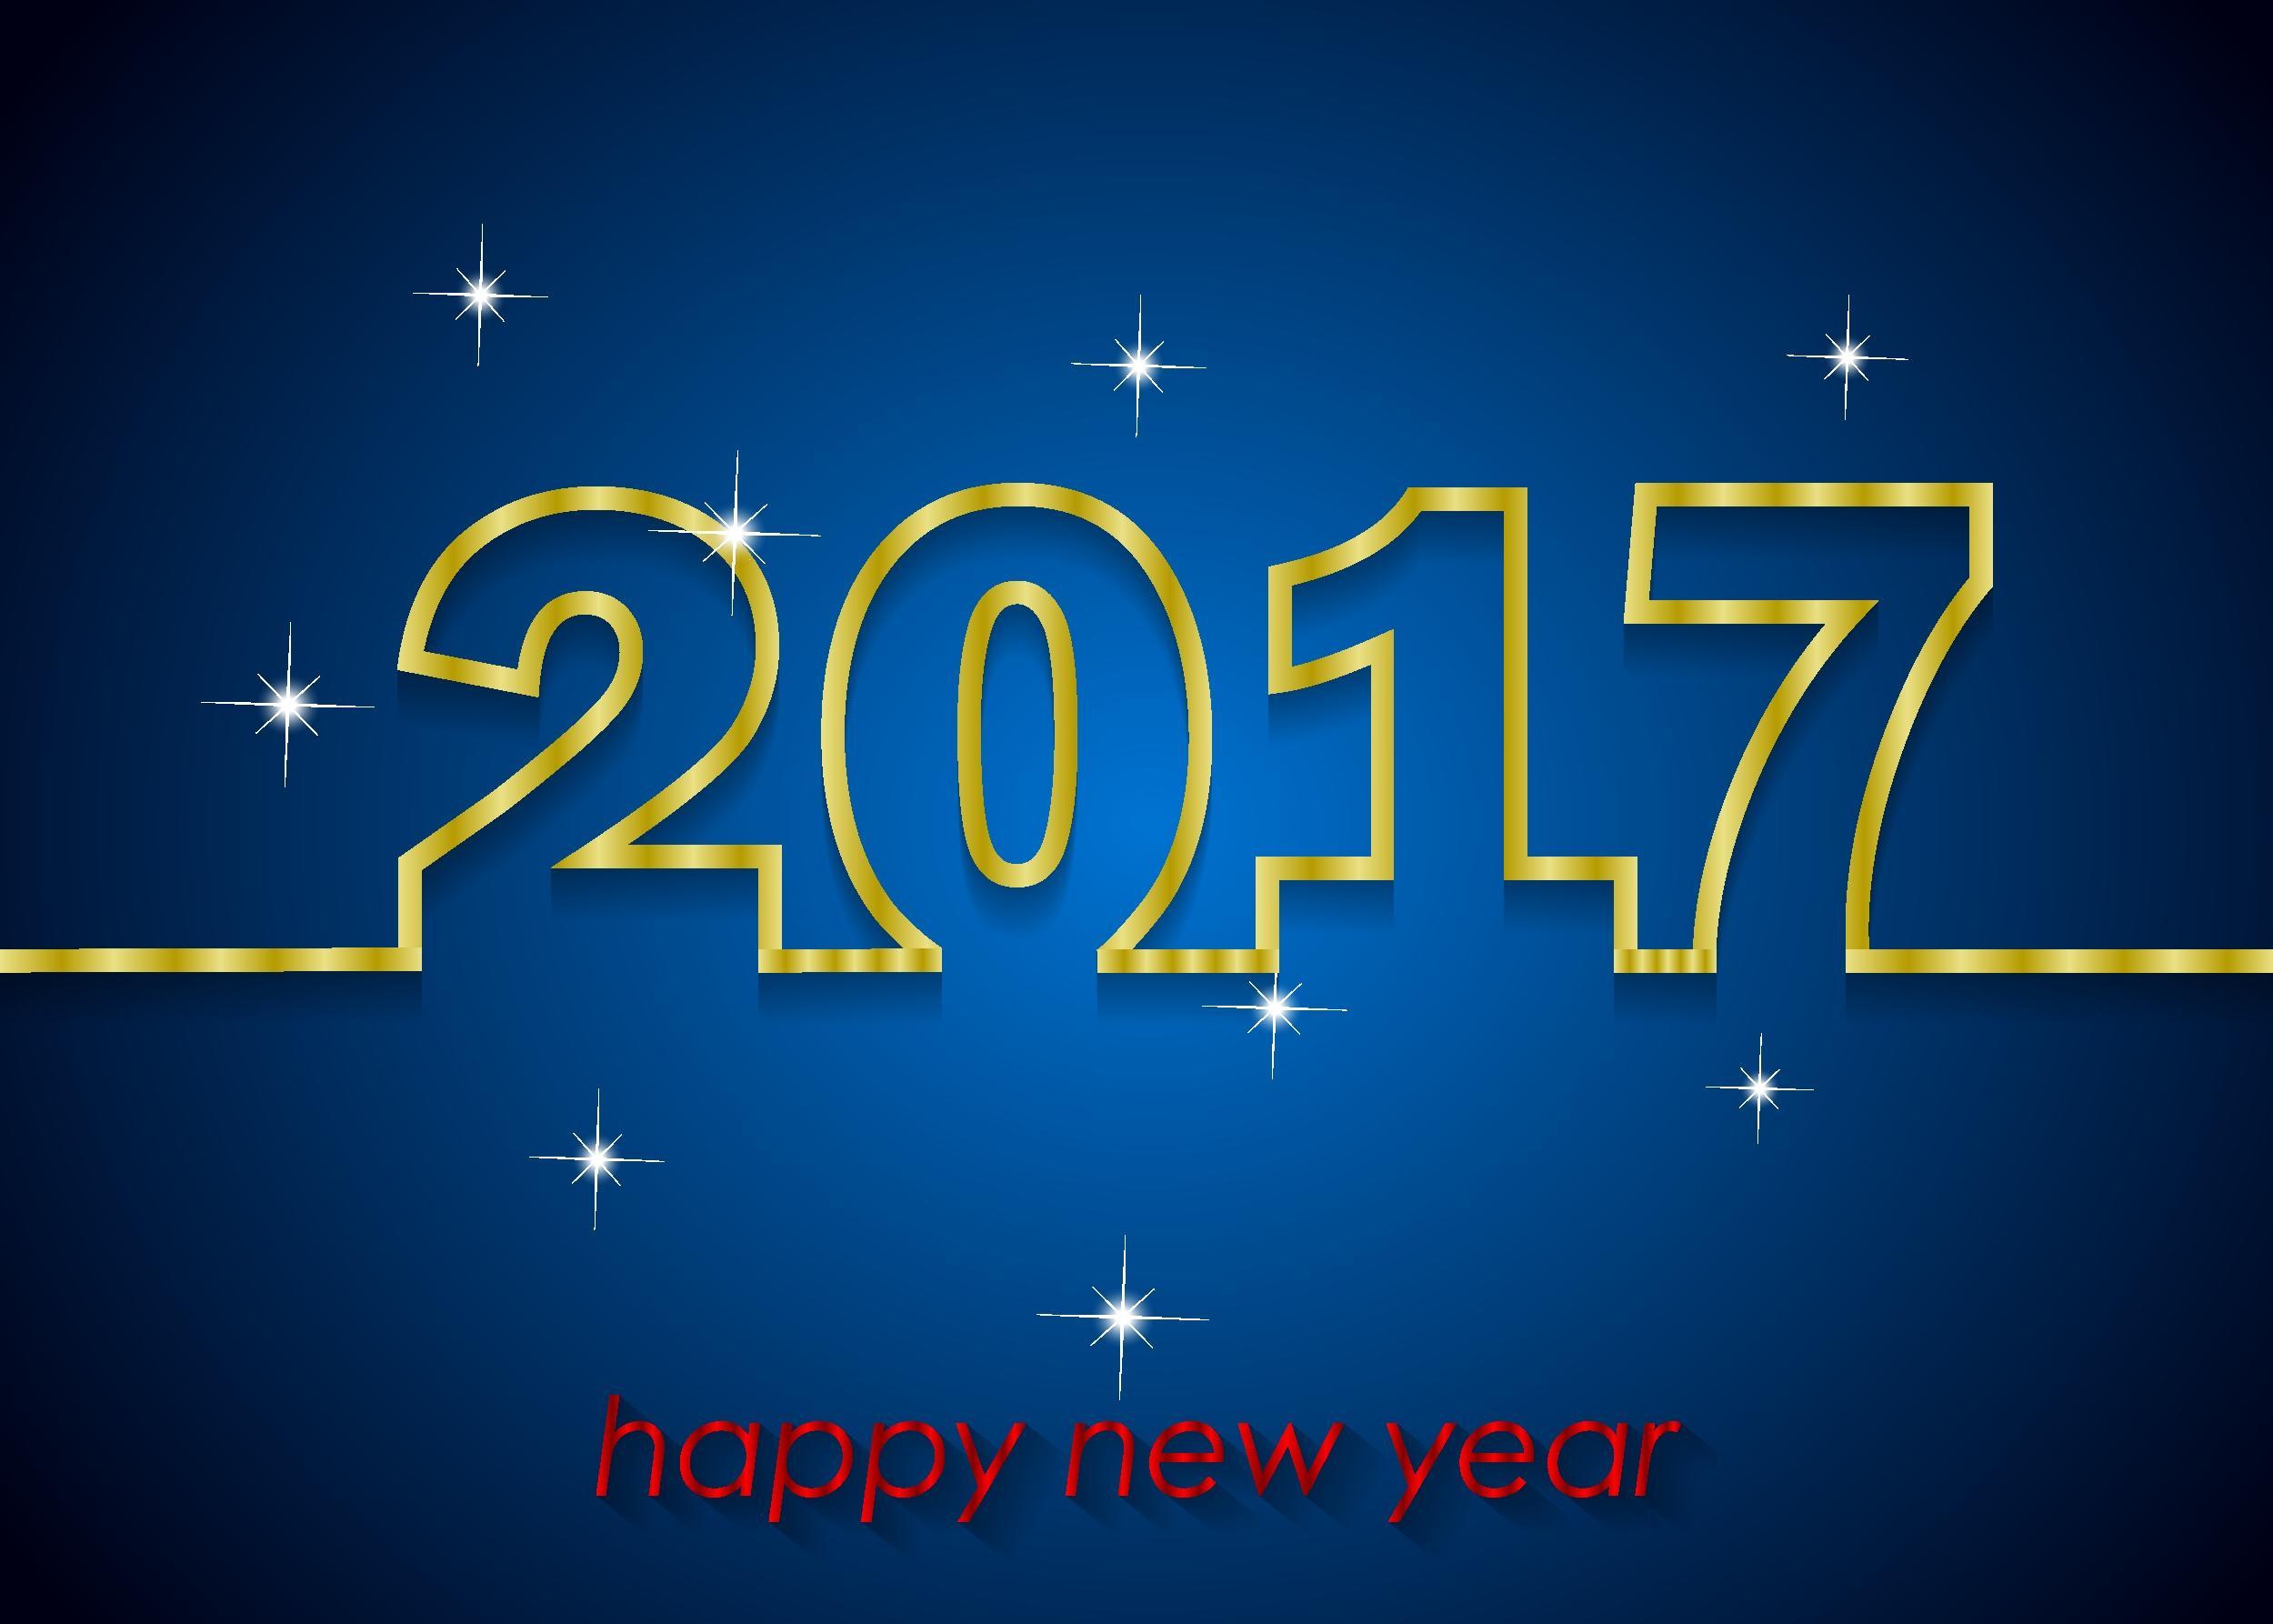 Обои новогодние обои, новогодний фон, с новым годом, 2017